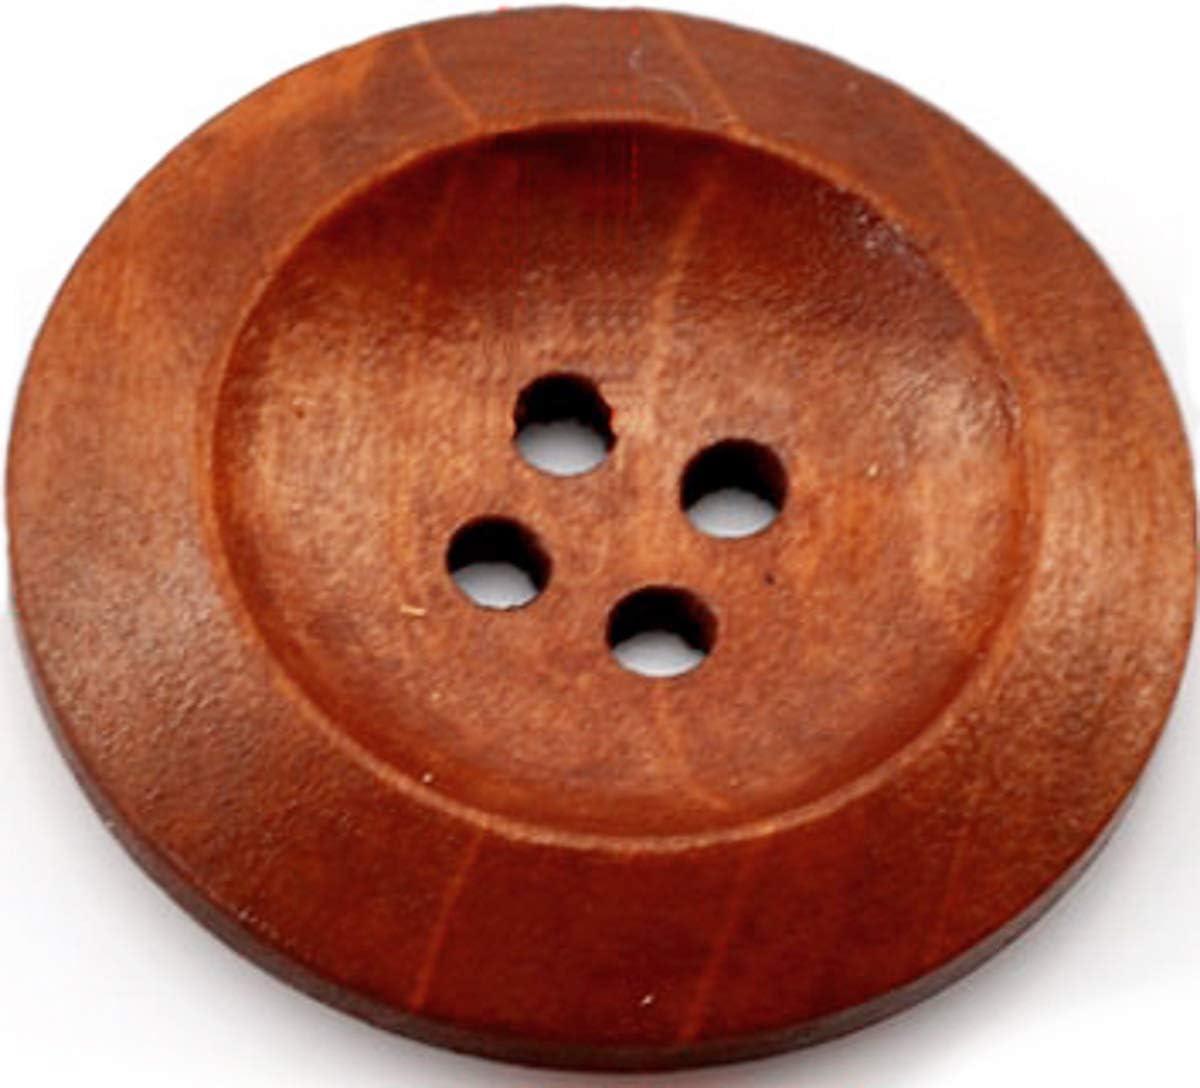 15 pezzi eleganti bottoni in legno 30 mm 4 fori rotondo marrone bottone da cucire marrone scuro bottoni in legno bottoni fai da te bottoni decorativi Bottoni giacca scrapbooking